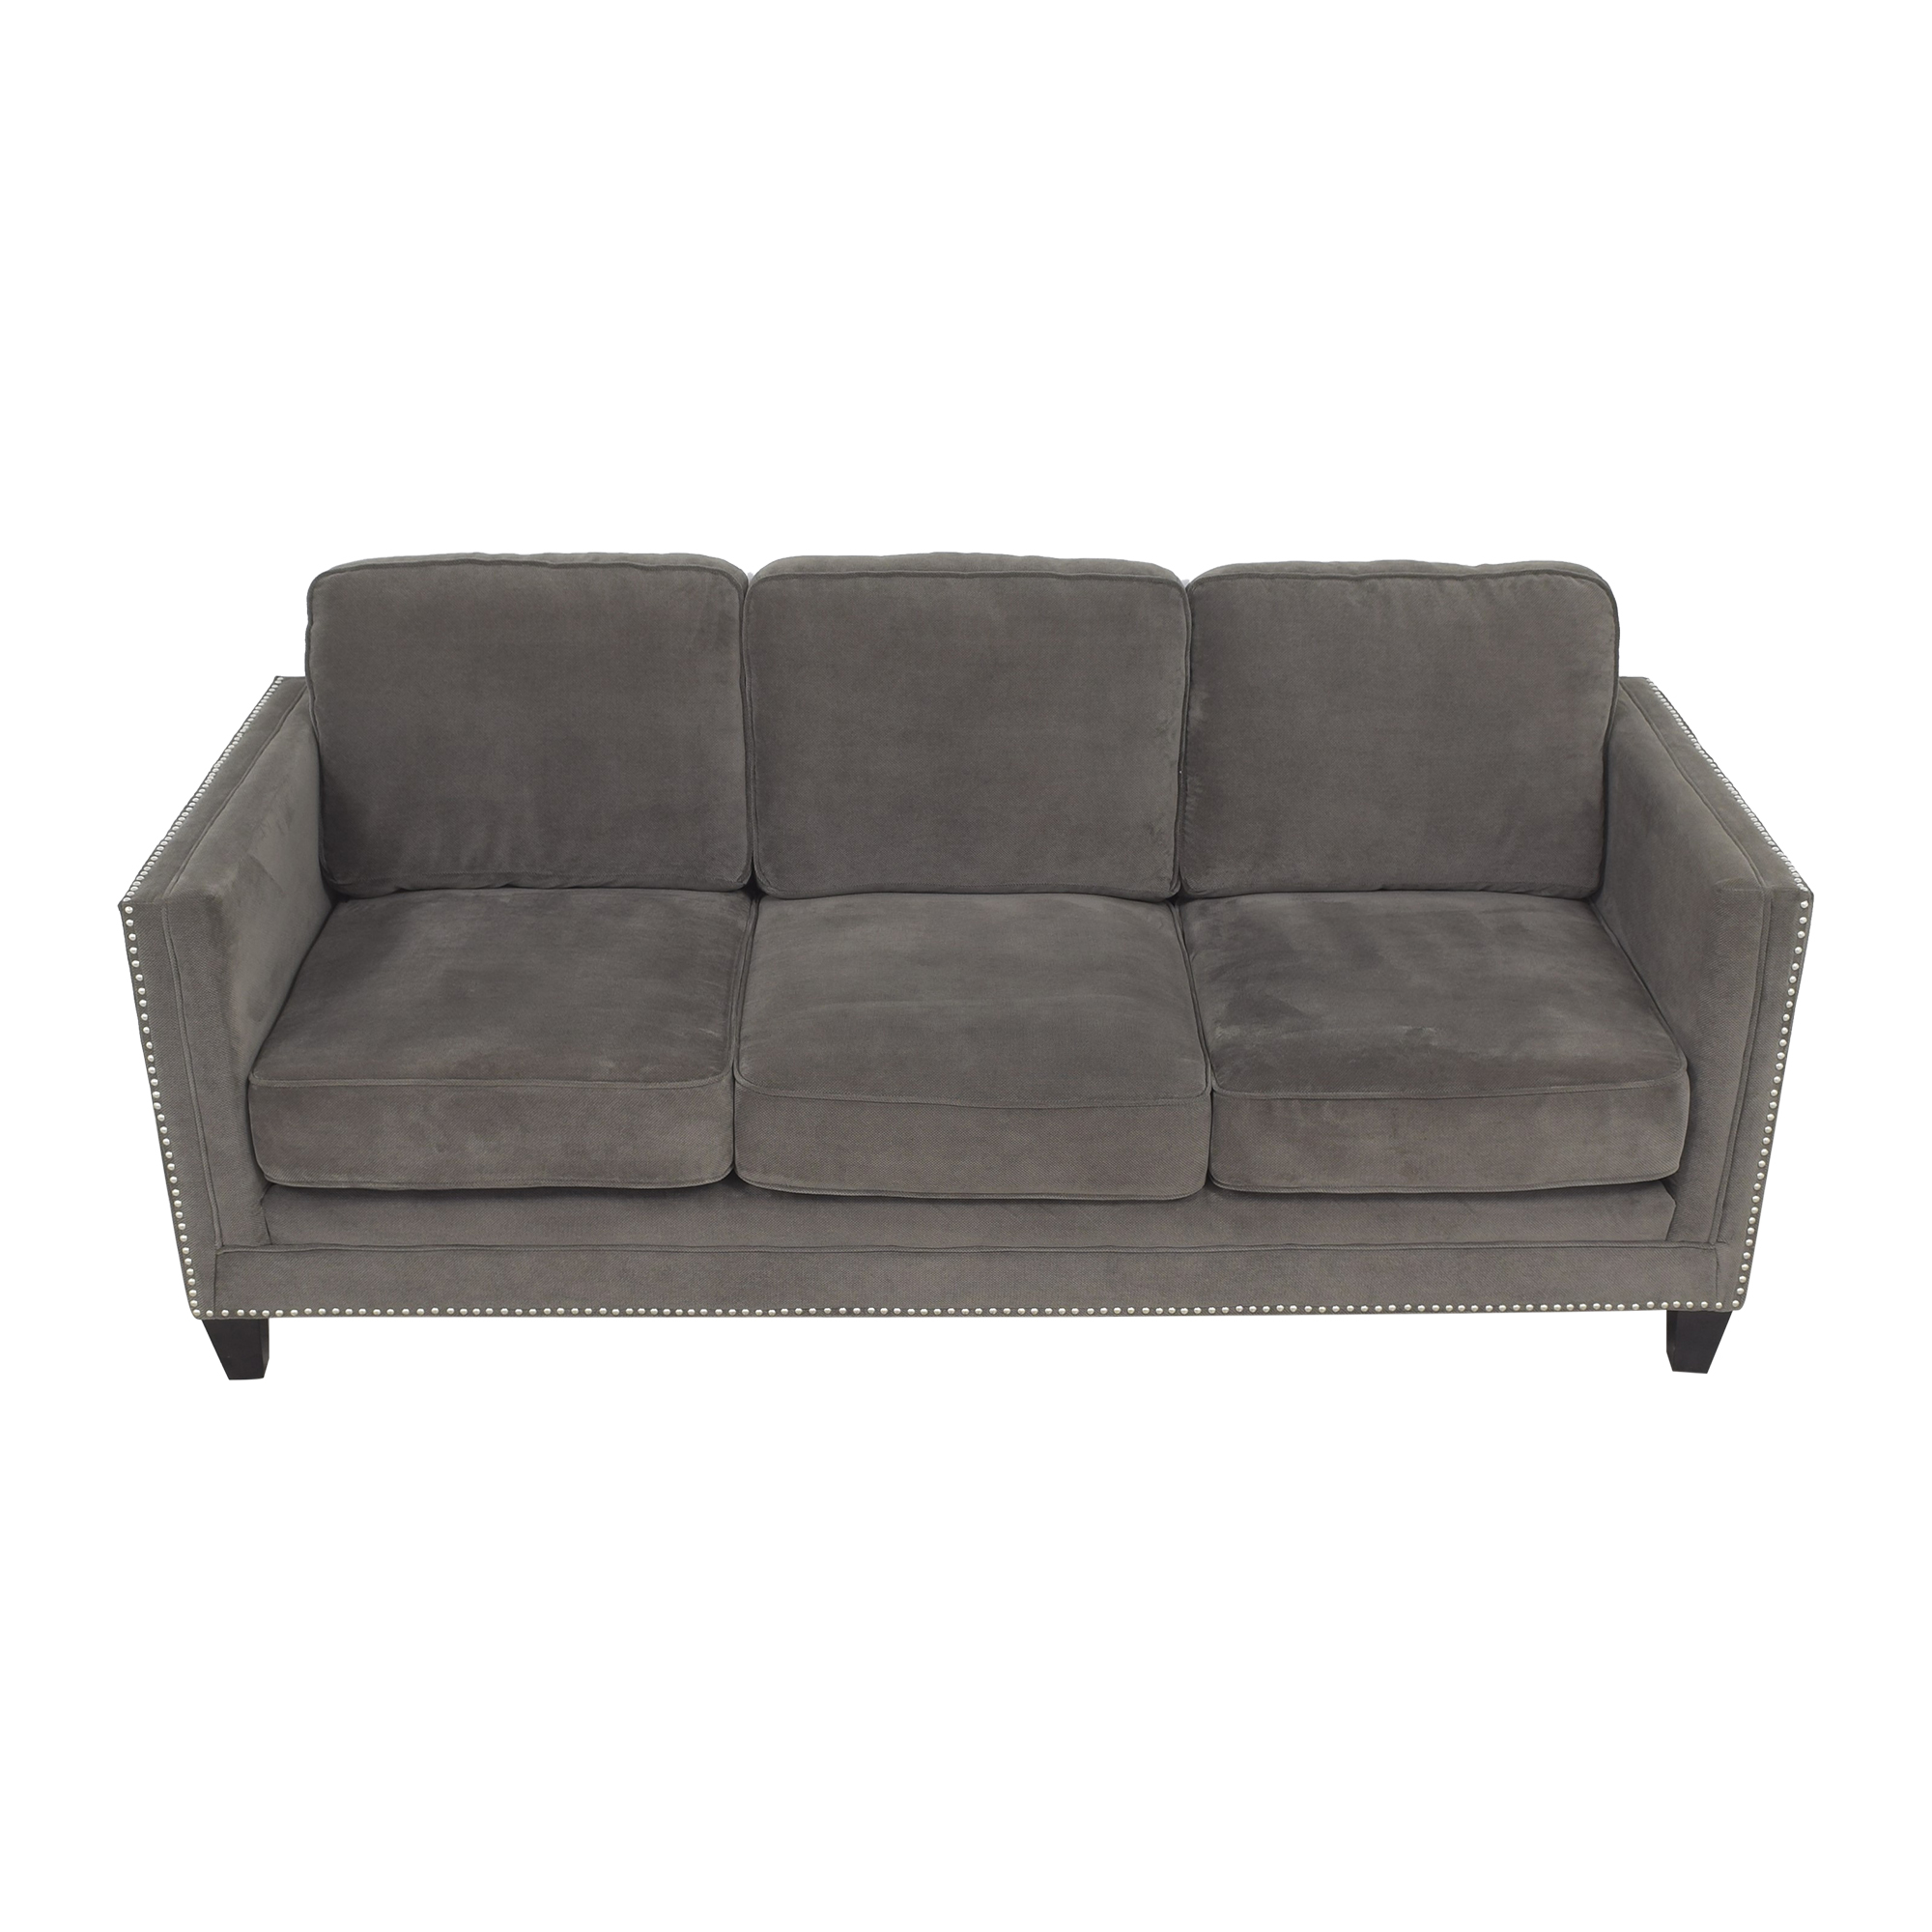 shop AllModern Nailhead Trim Sofa AllModern